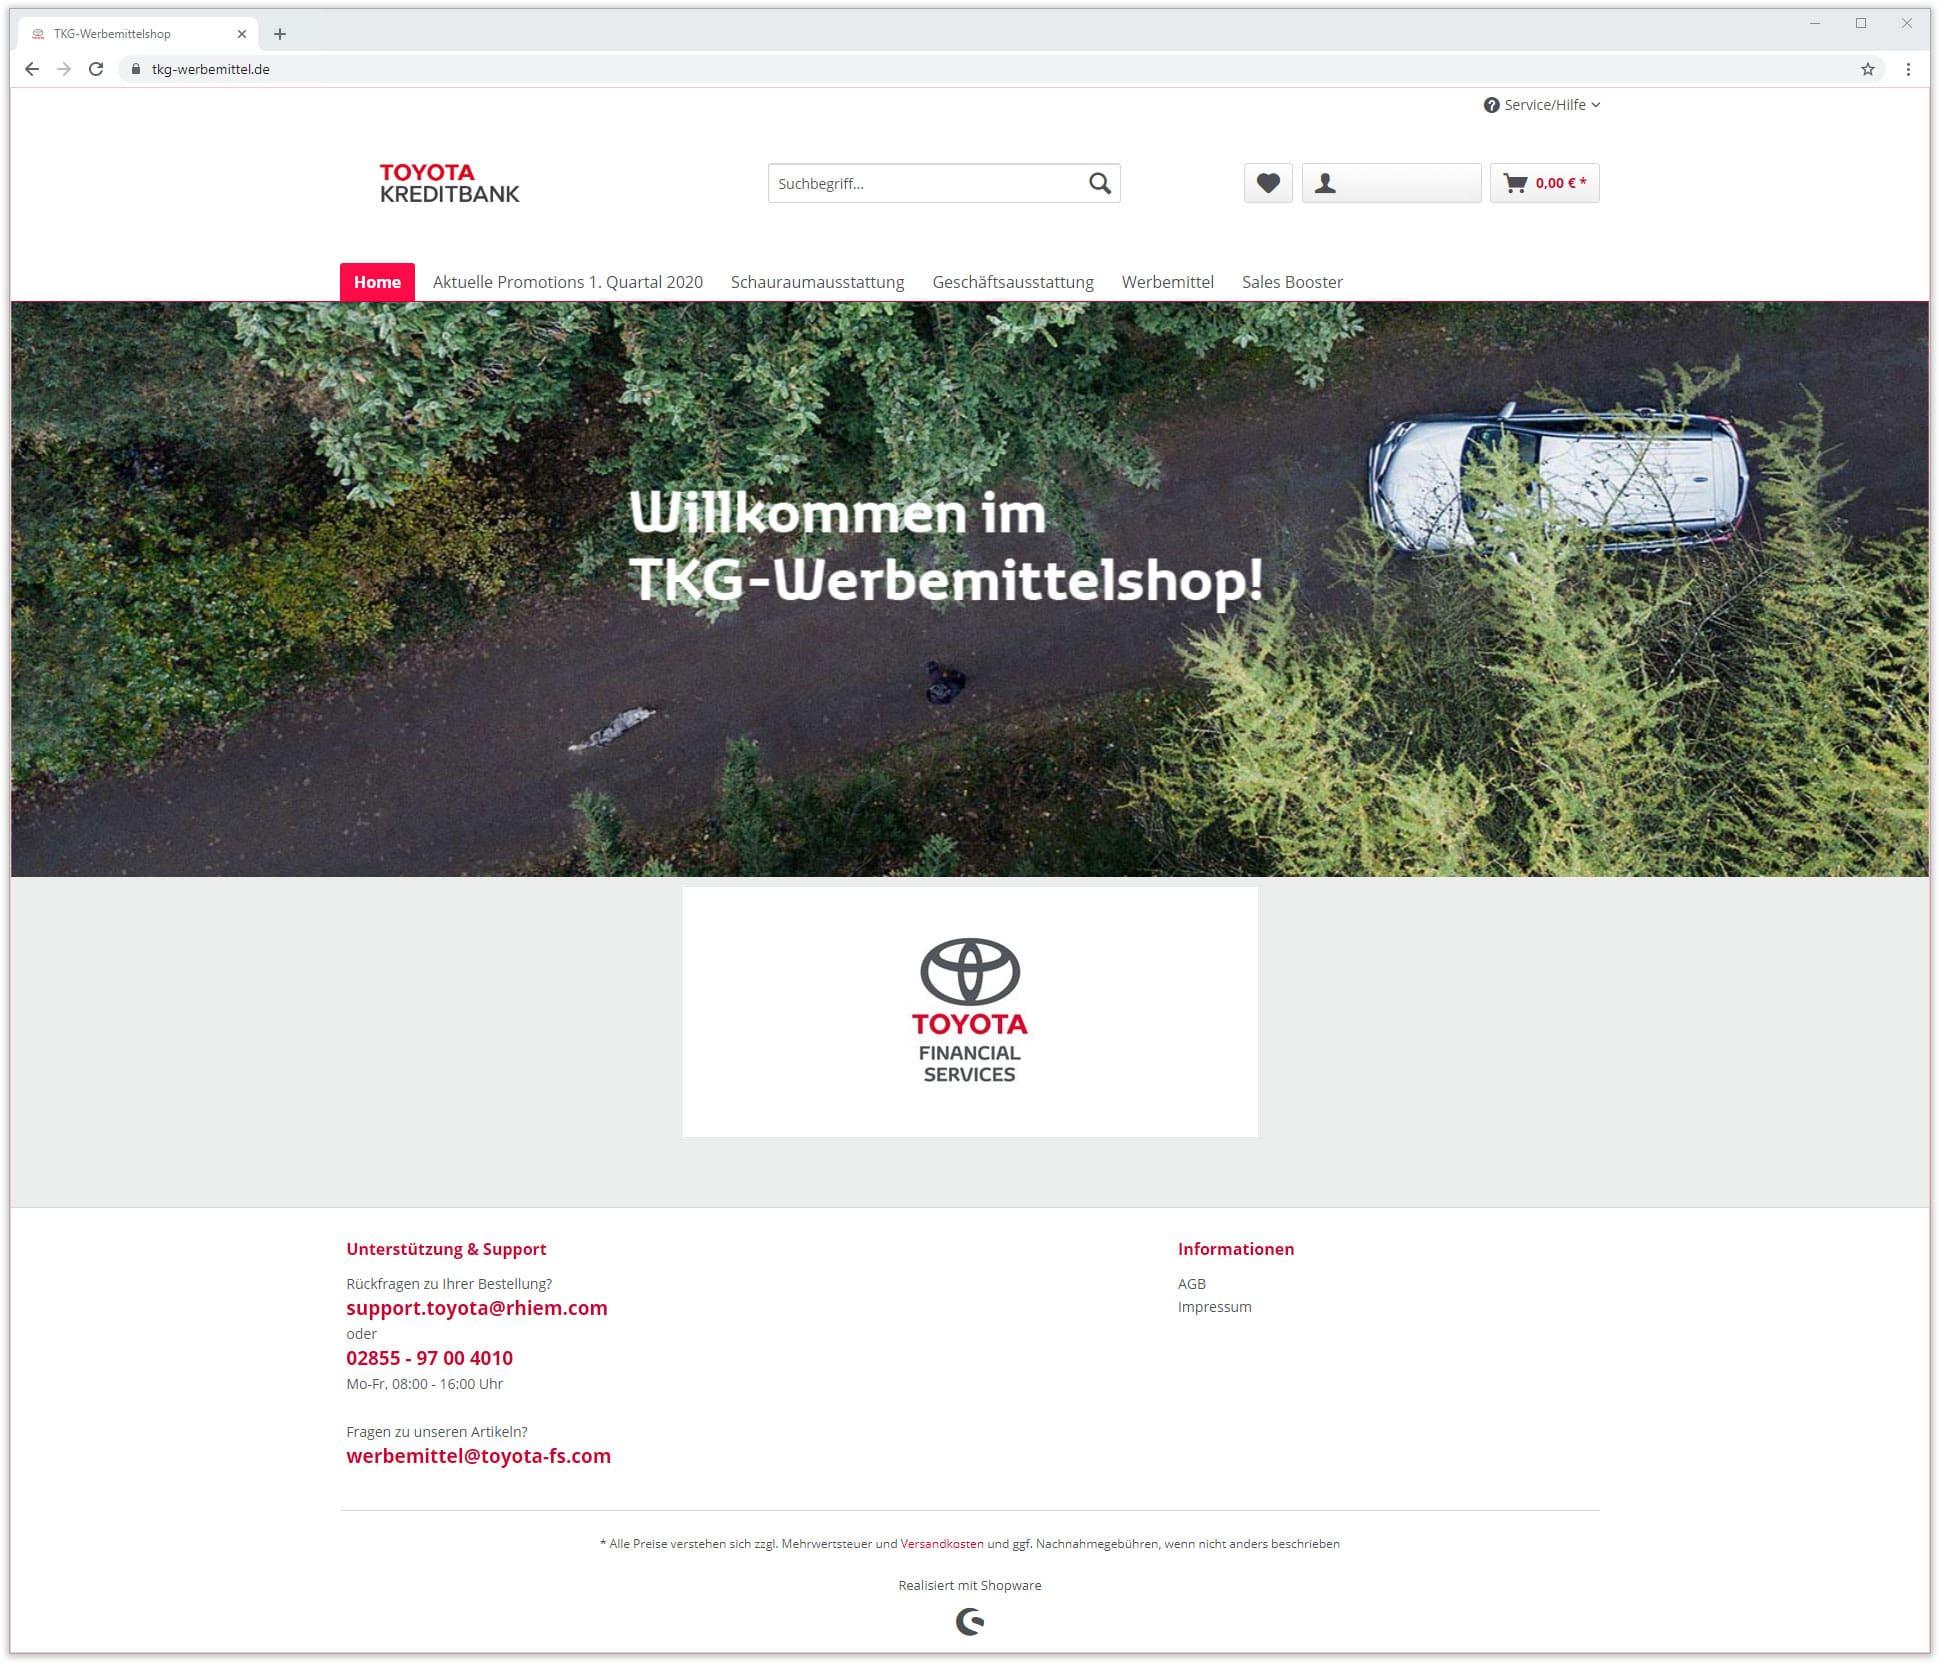 voransicht-webseite-toyota-kreditbank